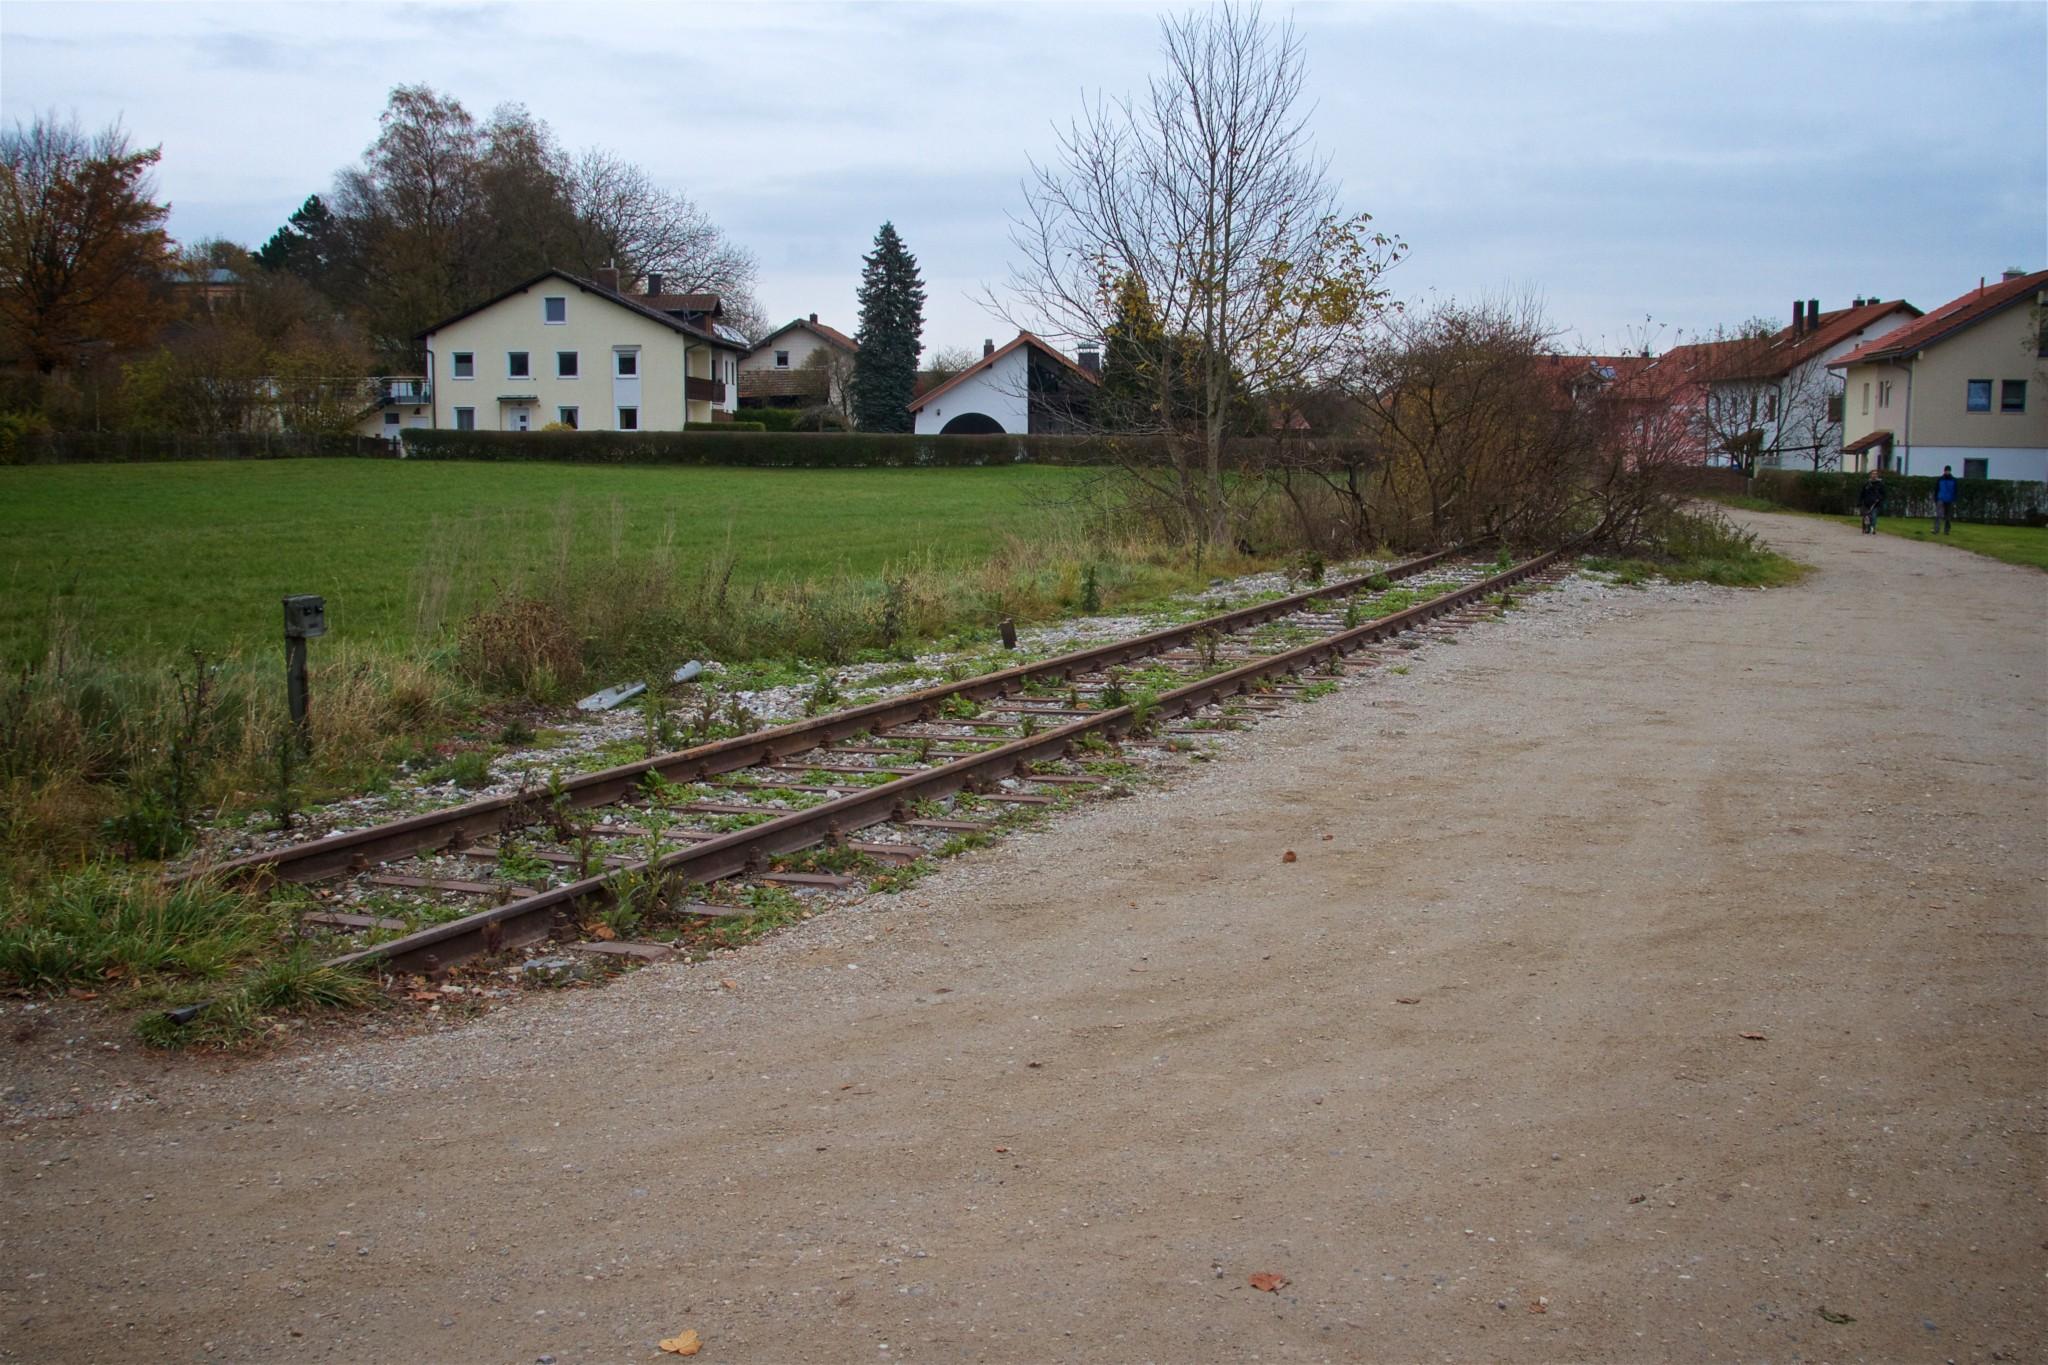 Streckendetail an der Megglestraße